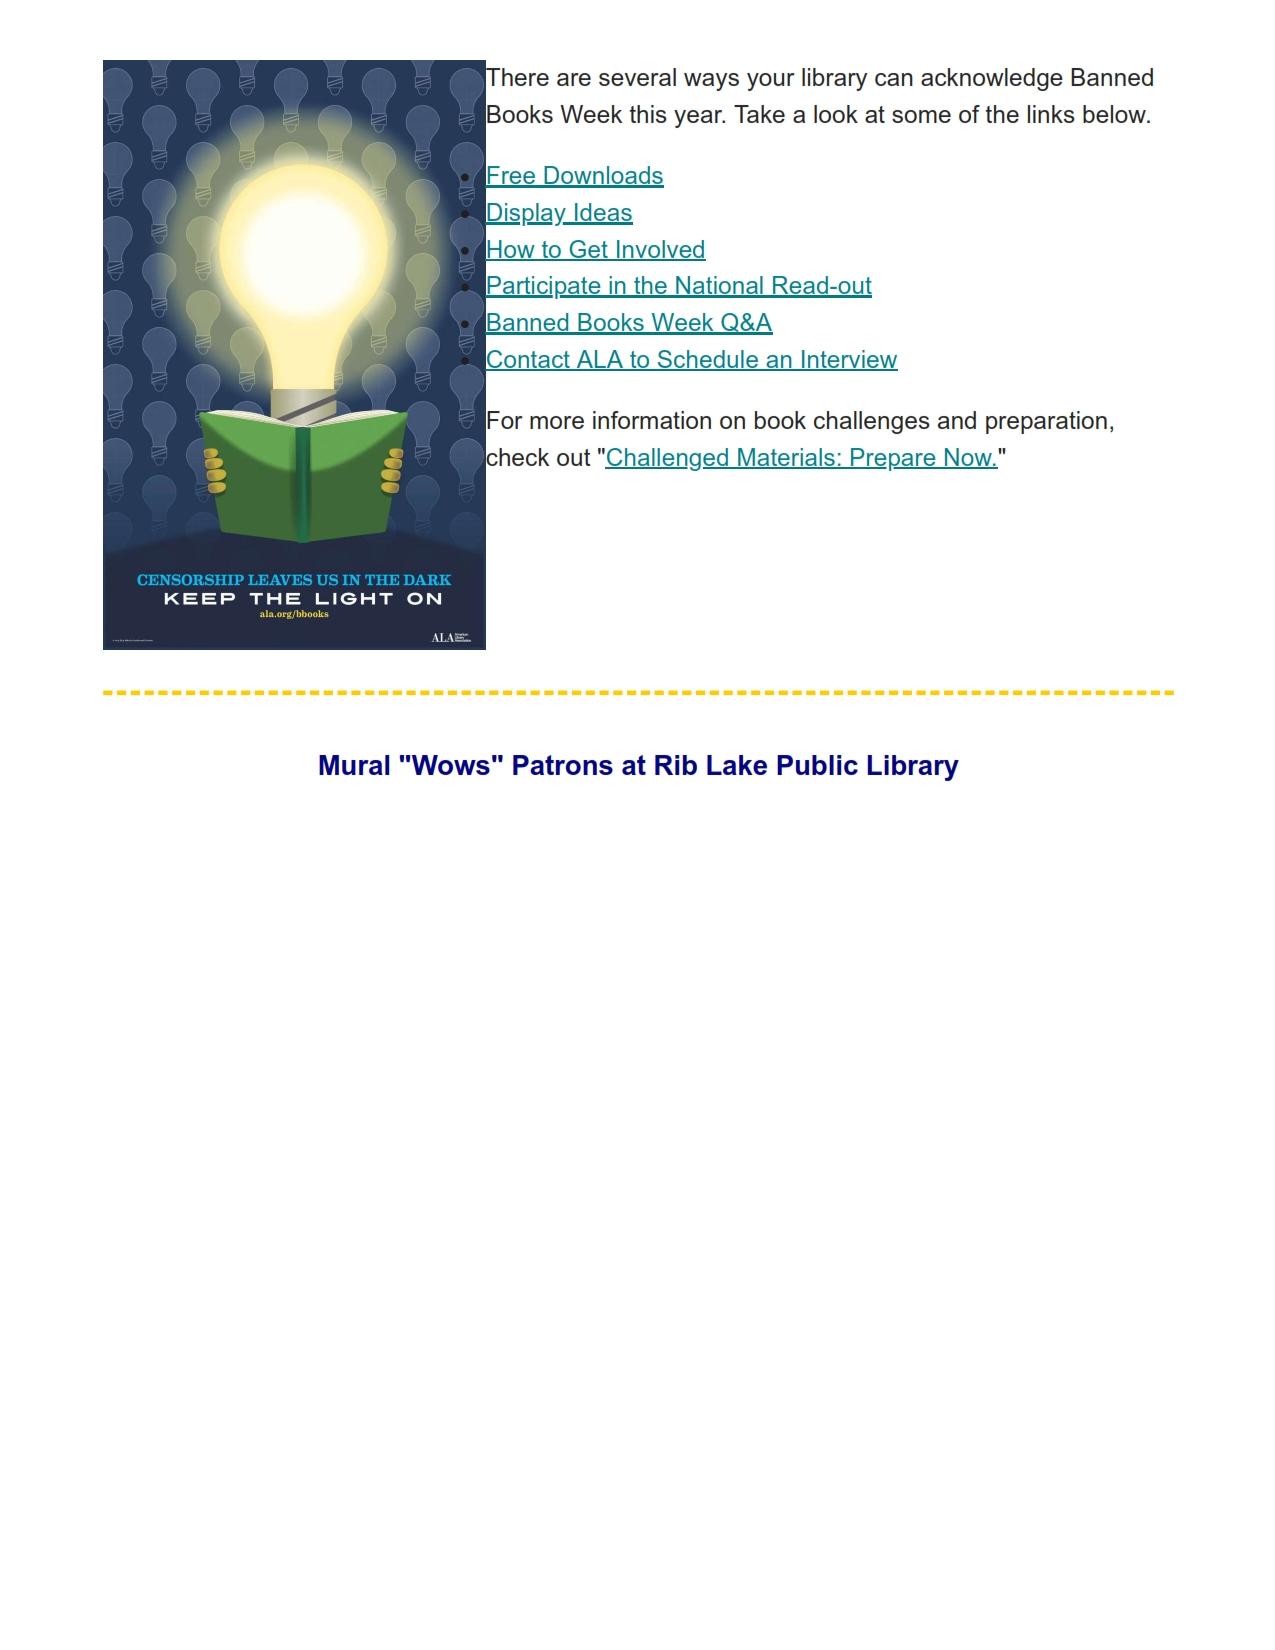 WVLS September Newsletter_004